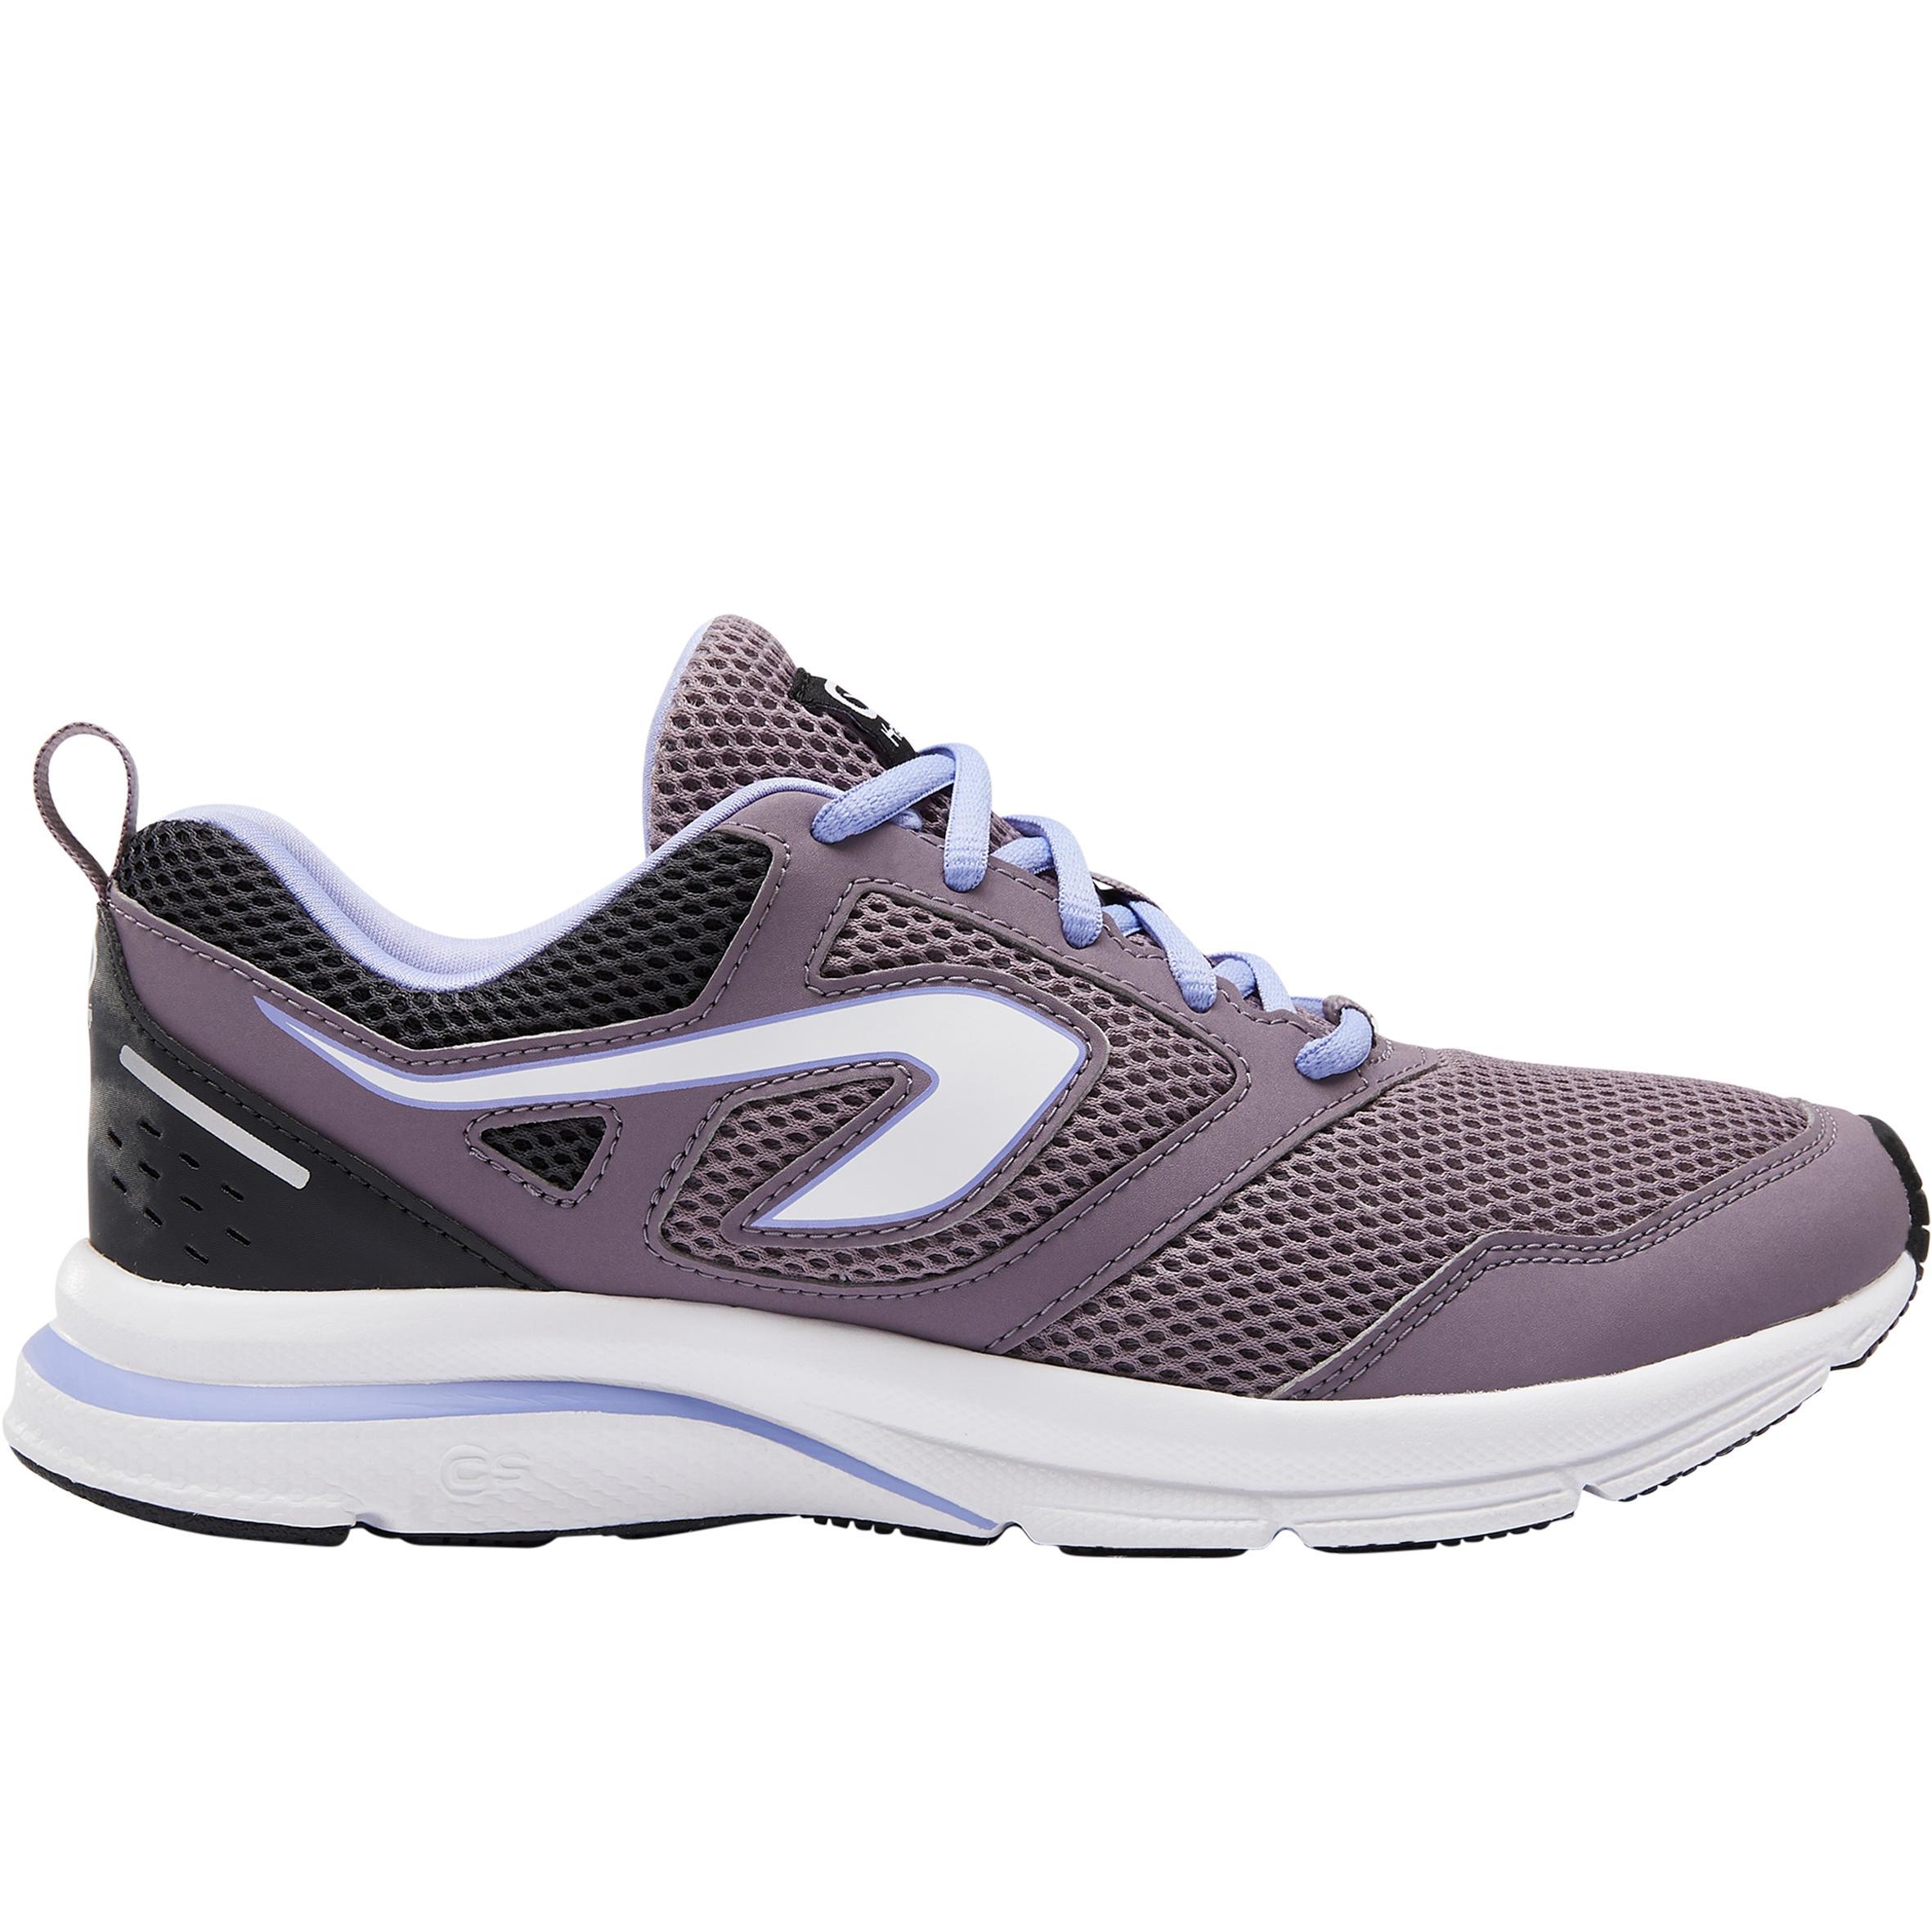 Chaussures running femme Kalenji | DECATHLON